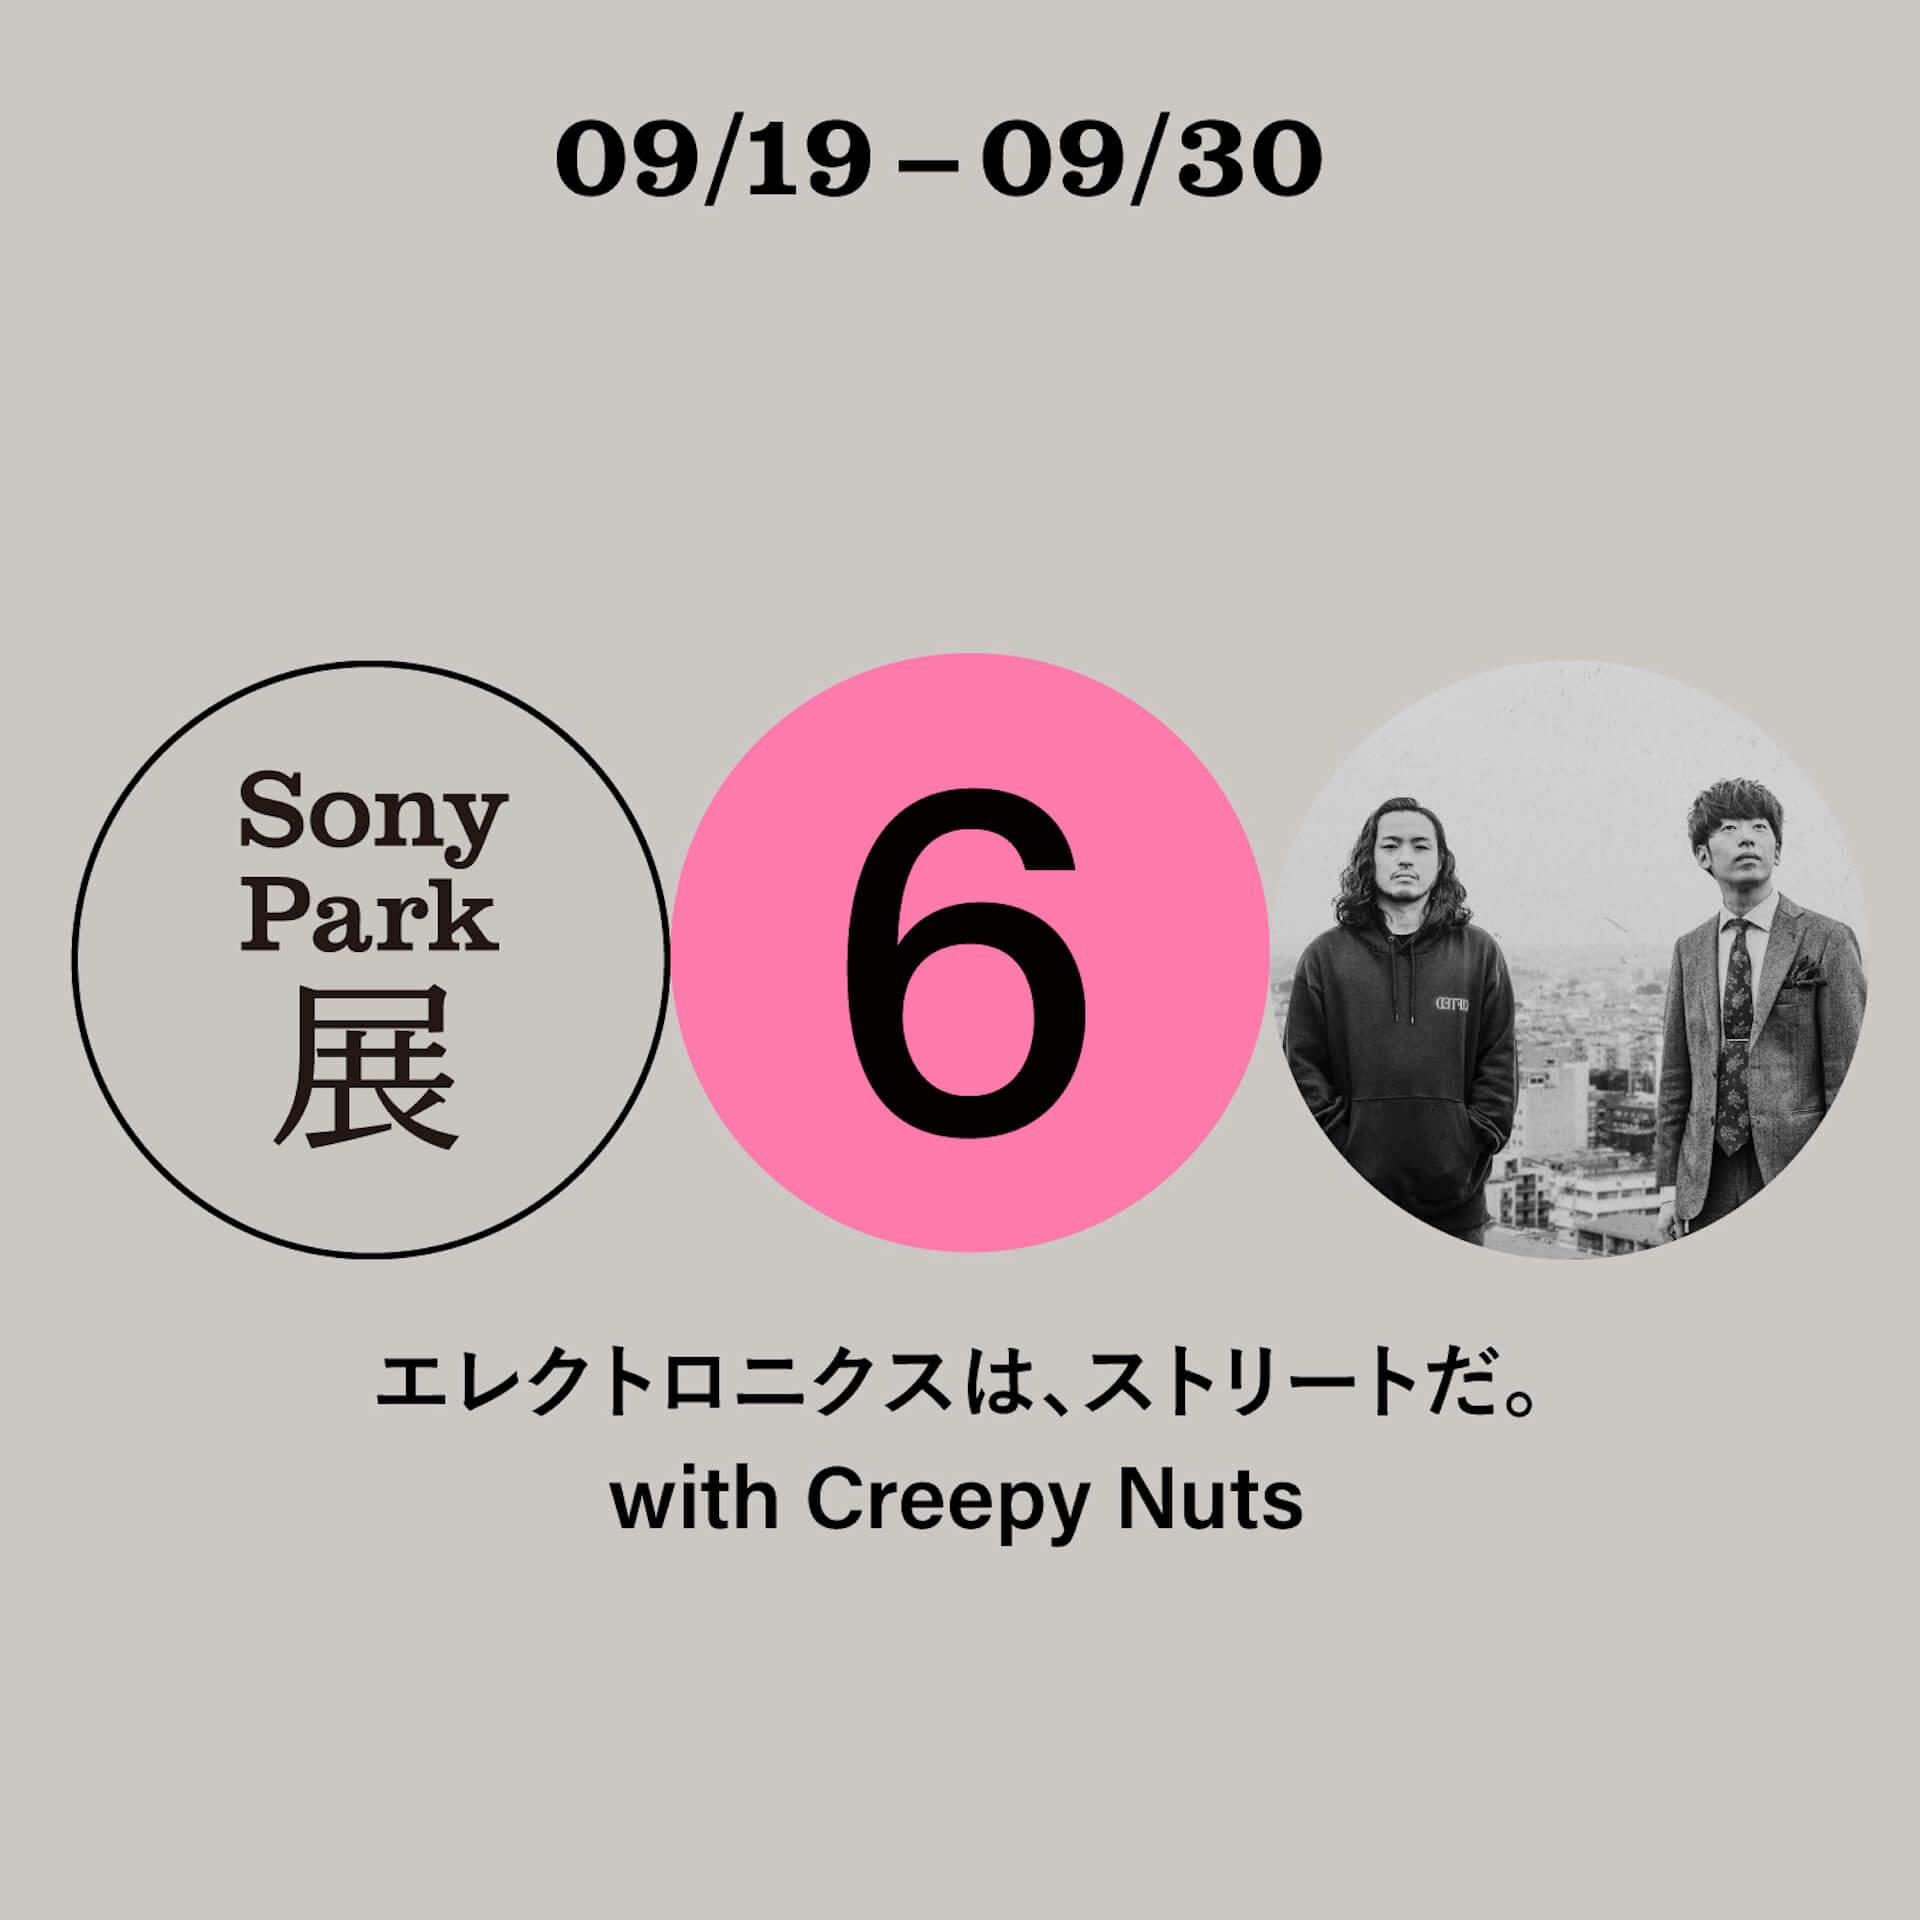 オリジナルラジオが聴ける!Ginza Sony Parkで<⑥エレクトロニクスは、ストリートだ。 with Creepy Nuts>が開催 music210921_sonypark-creepynuts-01